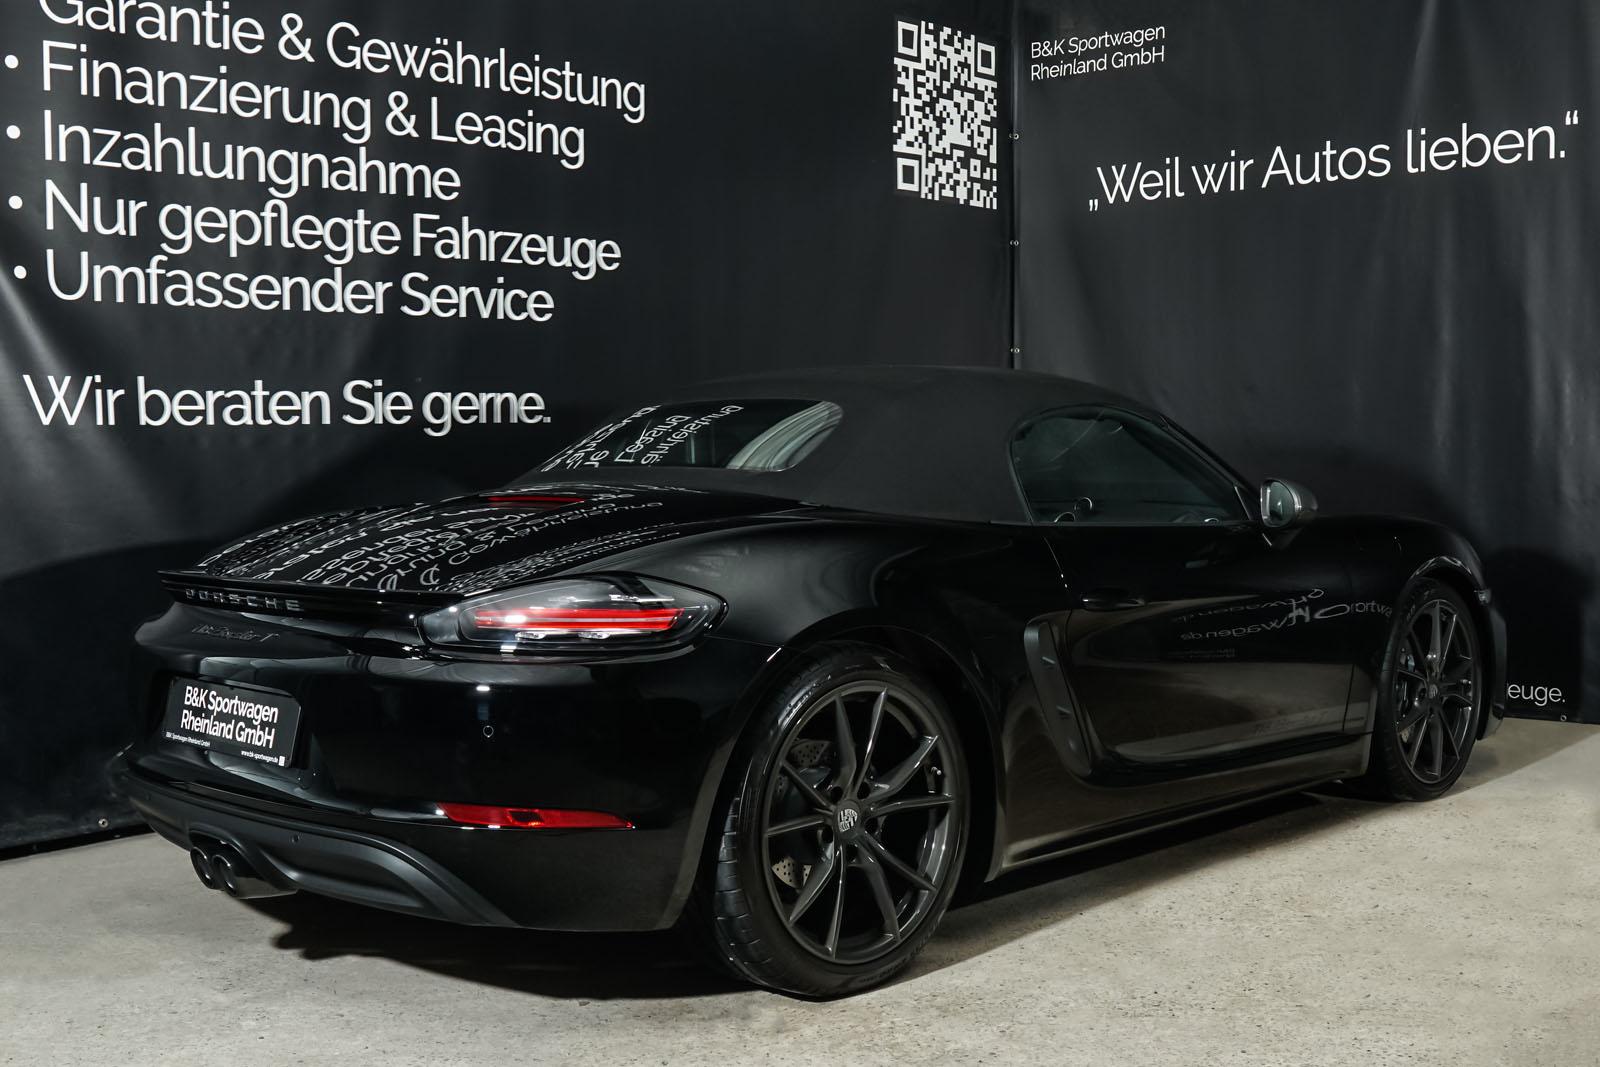 Porsche_718_BoxsterT_Schwarz_Schwarz_POR-1718_26_w